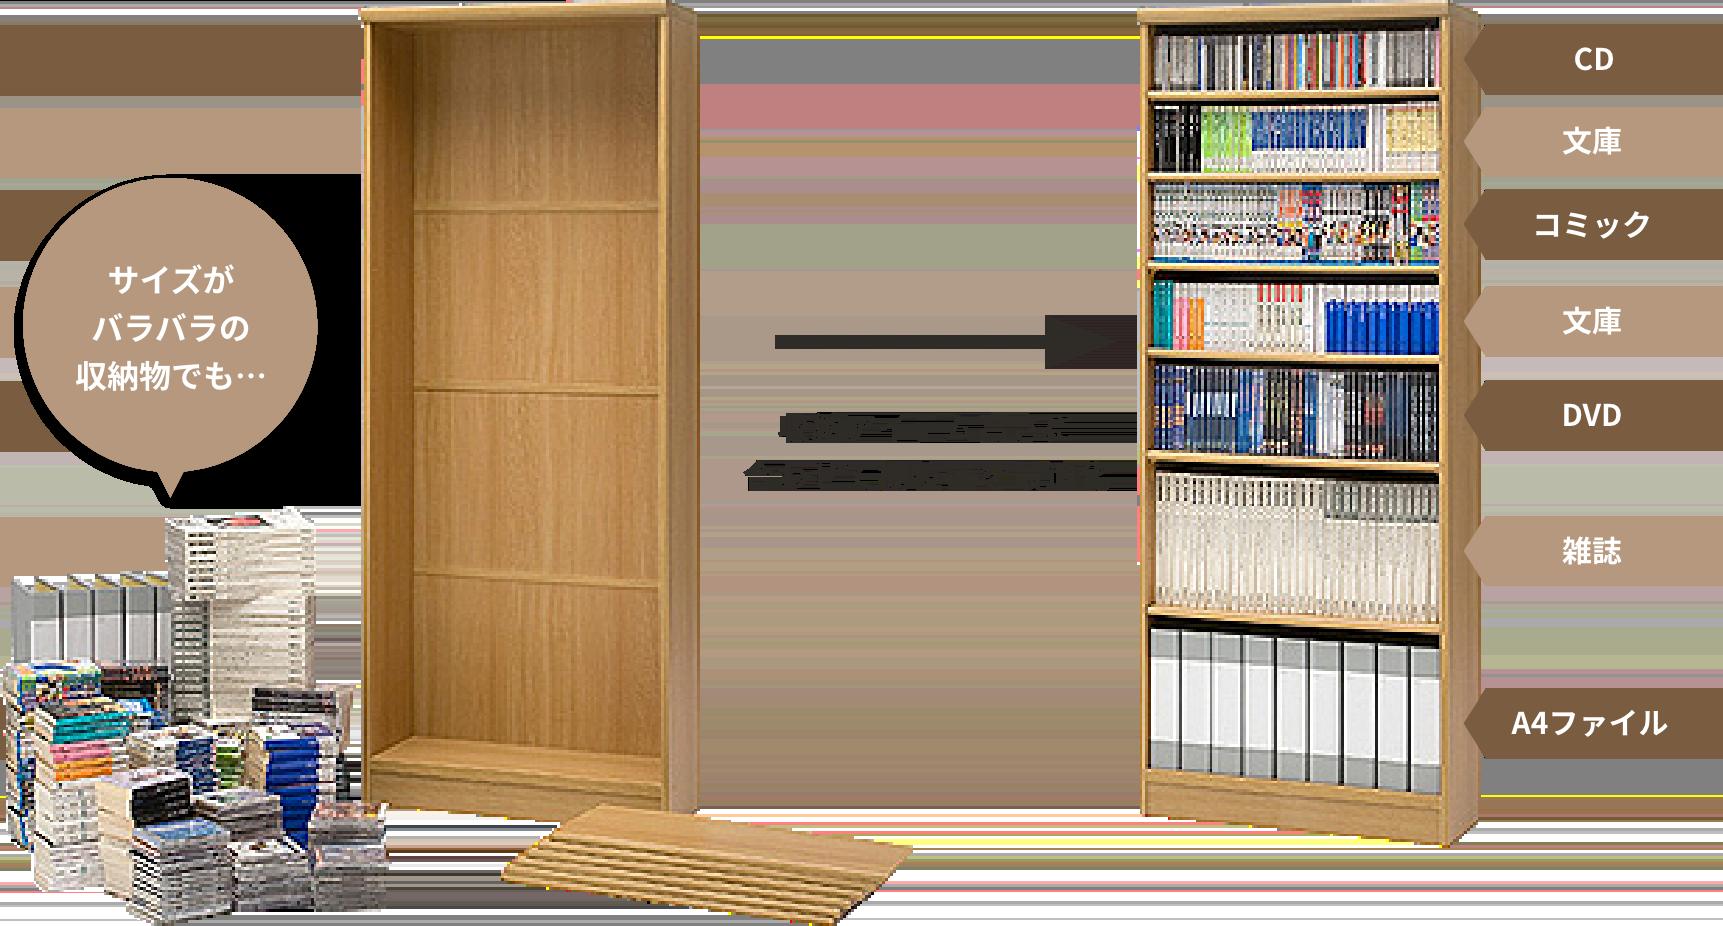 収納アイテム高さに合わせて棚位置を最適化